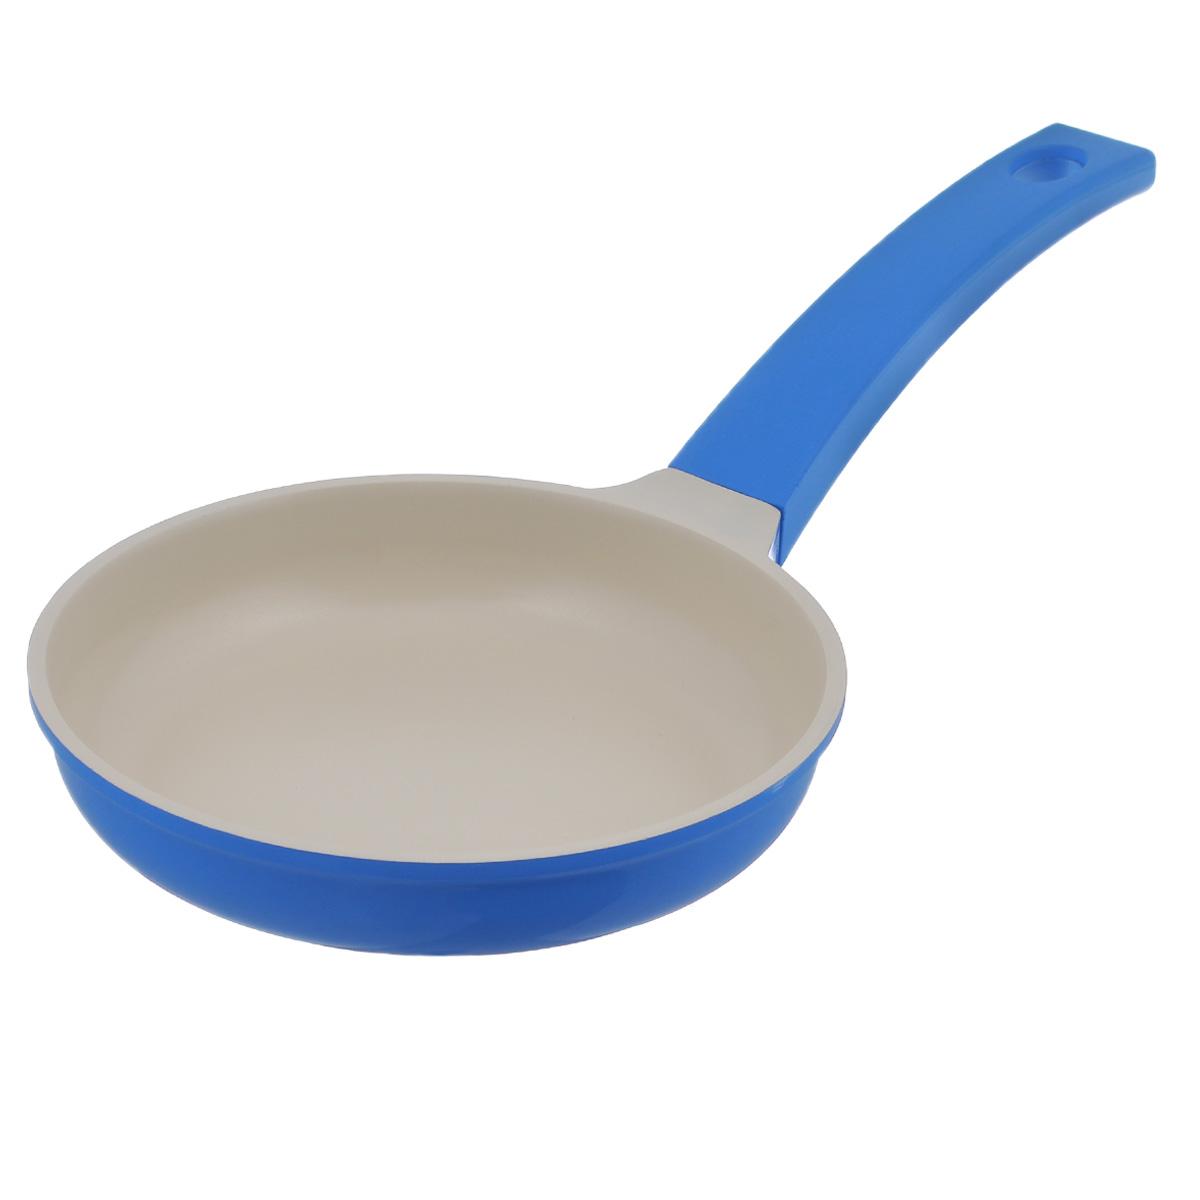 Сковорода Mayer & Boch, с керамическим покрытием, цвет: синий. Диаметр 20 см. 2123921239Сковорода Mayer & Boch изготовлена из литого алюминия с керамическим покрытием. Сковорода предназначена для здорового и экологичного приготовления пищи. Пища непригорает и не прилипает к стенкам. Абсолютно гладкая поверхность легко моется. Посуда экологически чистая, не содержит примеси ПФОК.Рукоятка специального дизайна, выполненная из пластика с силиконовым покрытием, удобна и комфортна в эксплуатации. Внешнее цветное покрытие устойчиво к воздействию высоких температур.Можно использовать на всех типах плит, включая индукционные. Можно мыть в посудомоечной машине. Высота стенки: 4 см. Толщина стенки: 5 мм. Толщина дна: 5,5 мм.Длина ручки: 20,5 см. Диаметр индукционного диска: 12,5 см.